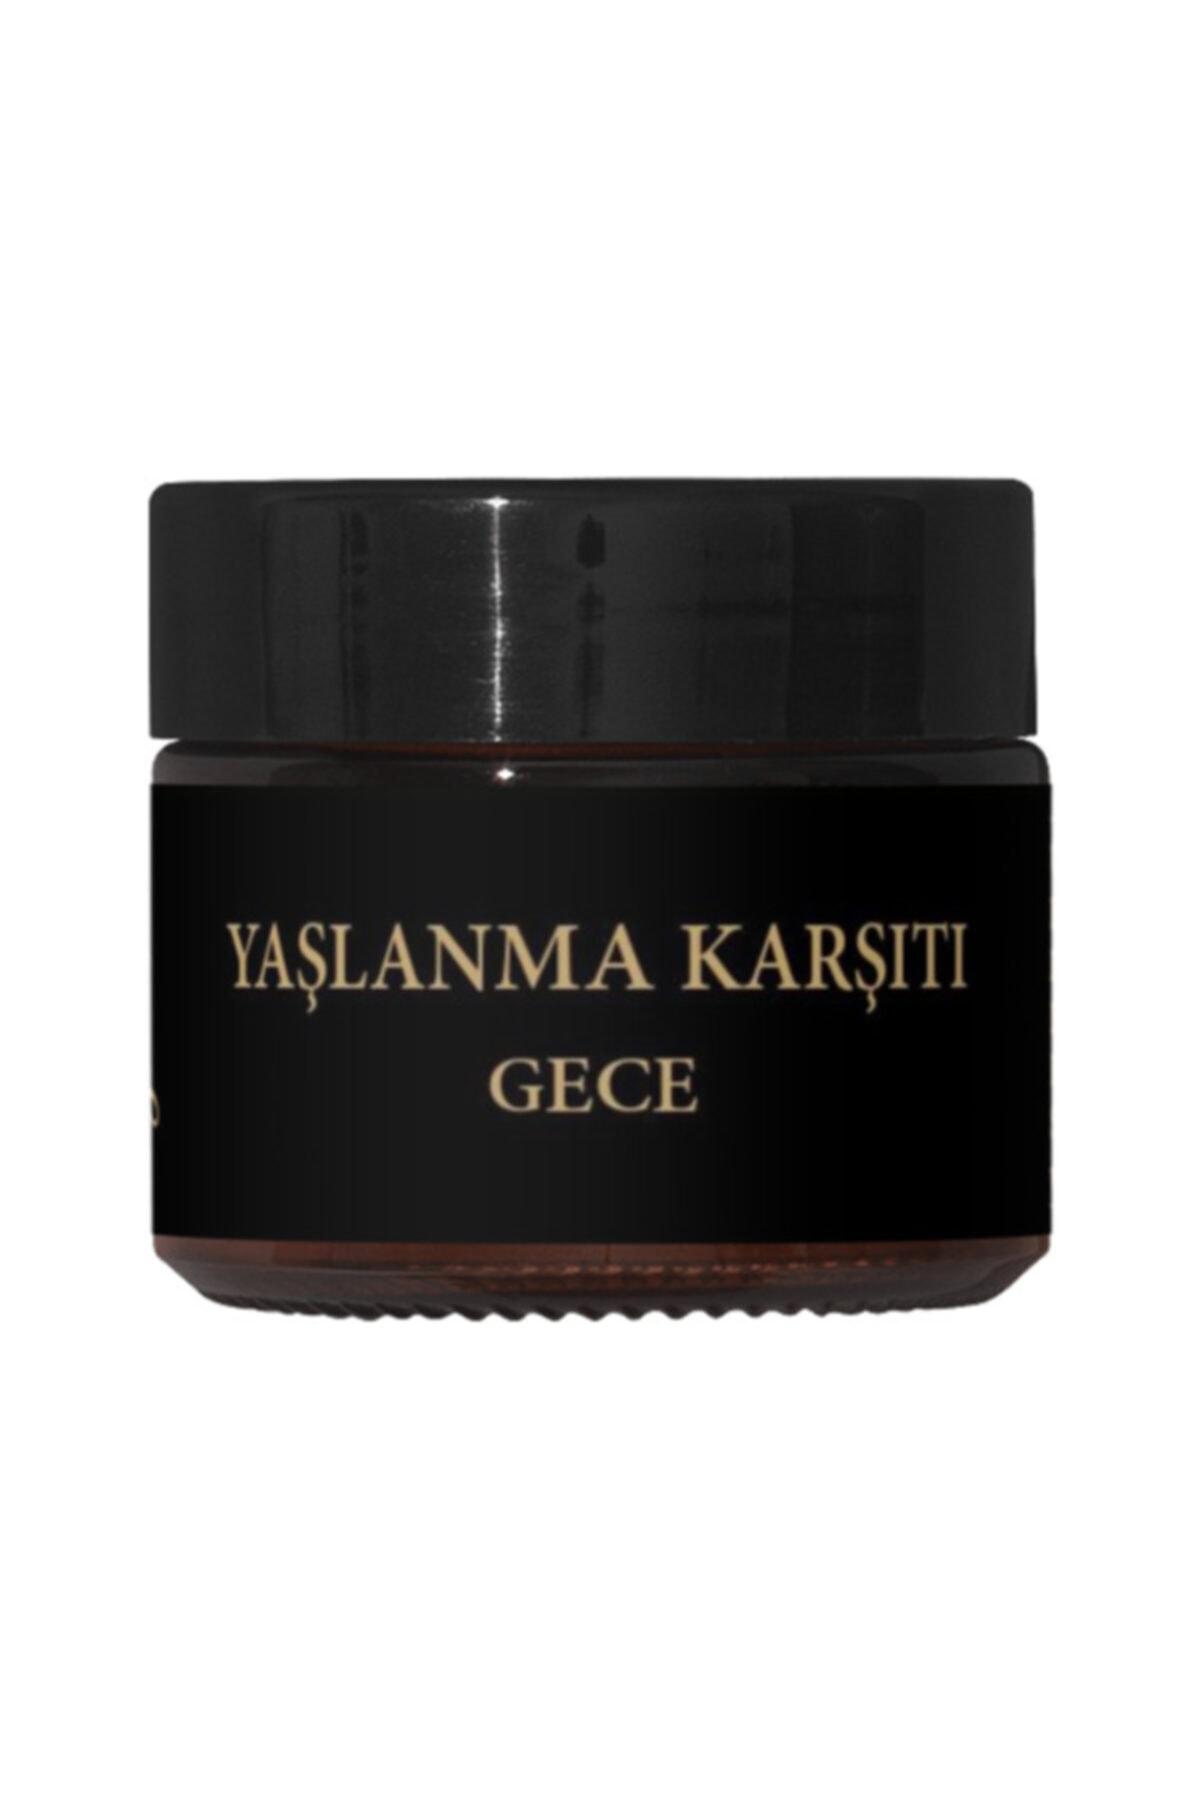 Handeresi Altın Krem Gece-ölmez Çicek Otu Özlü %100 Bitkisel Kırışıklık Giderici Krem 2